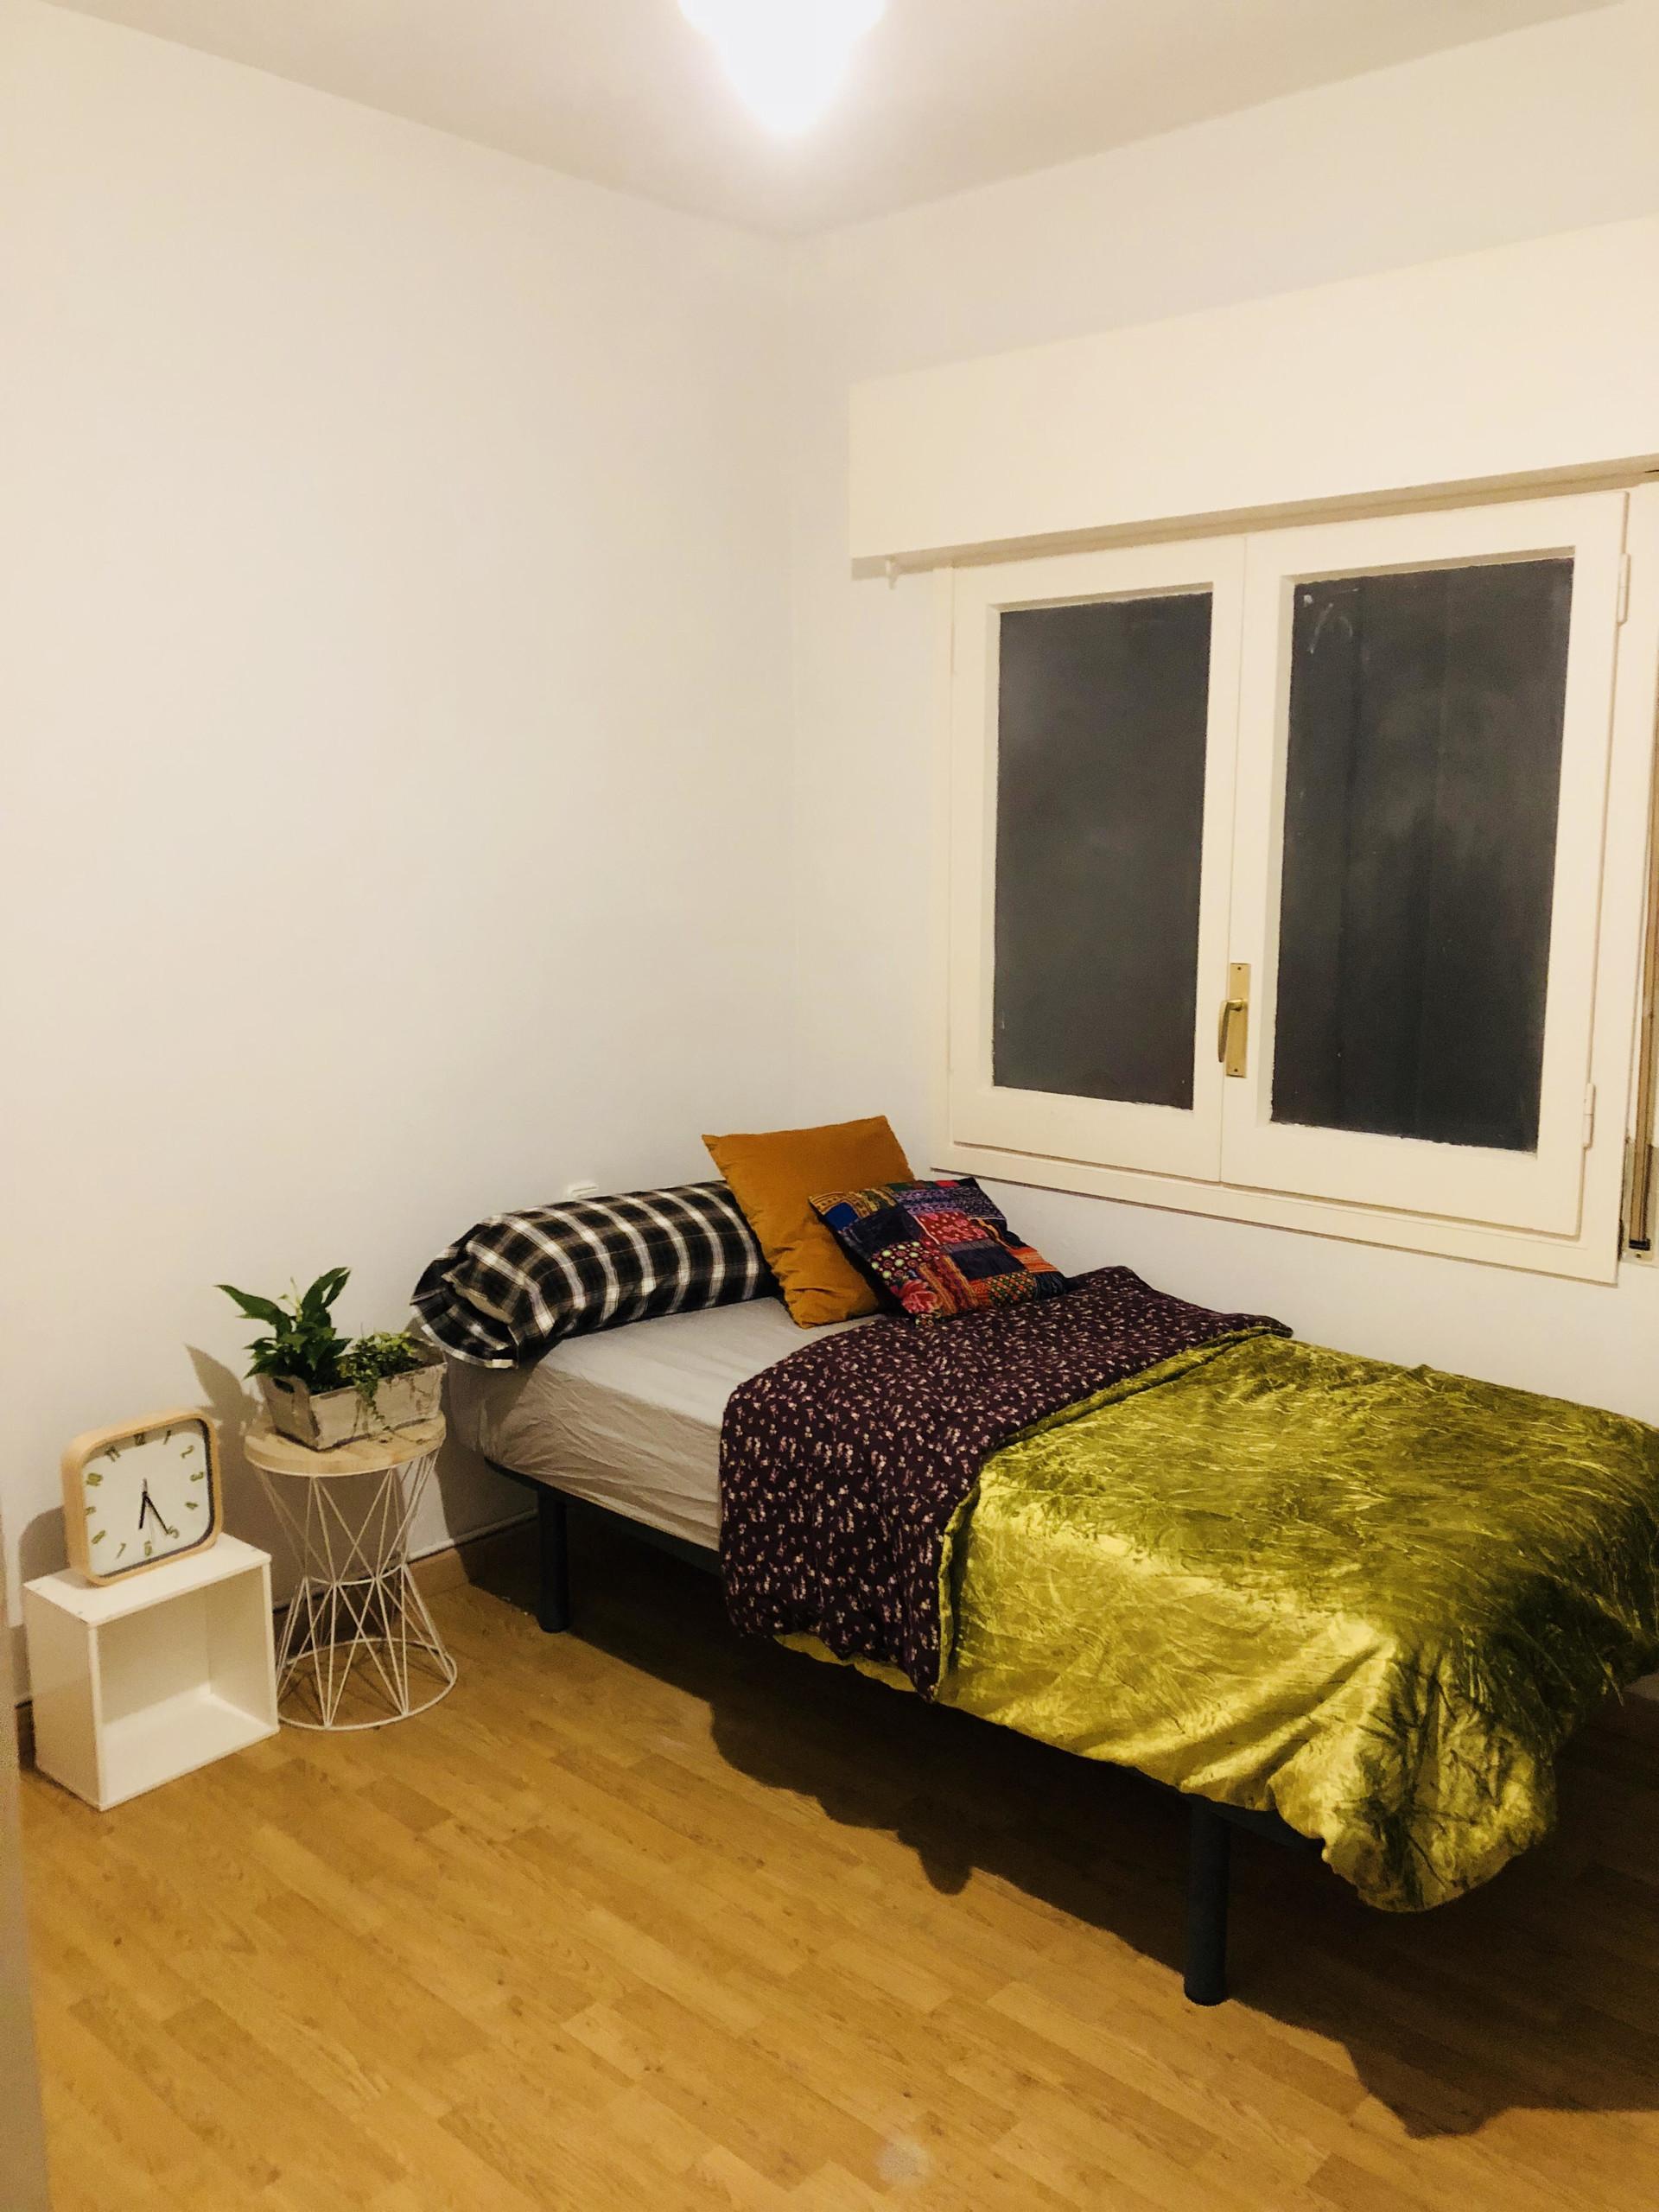 Habitaci n individual en piso compartido alquiler for Alquiler de habitacion en piso compartido